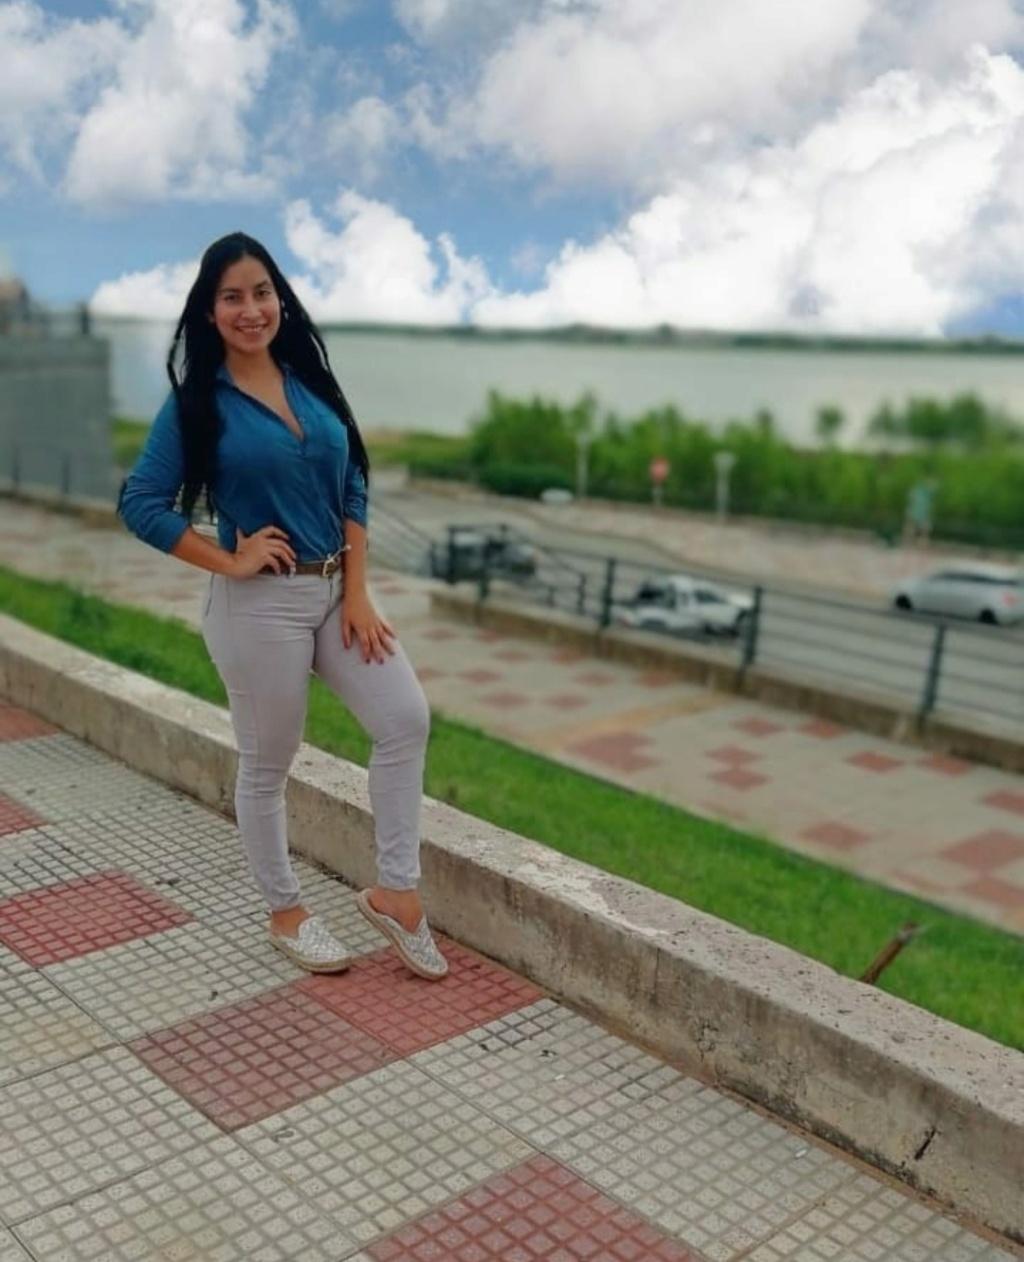 DEBATE sobre belleza, guapura y hermosura (fotos de chicas latinas, mestizas, y de todo) - VOL II - Página 16 Img_1821